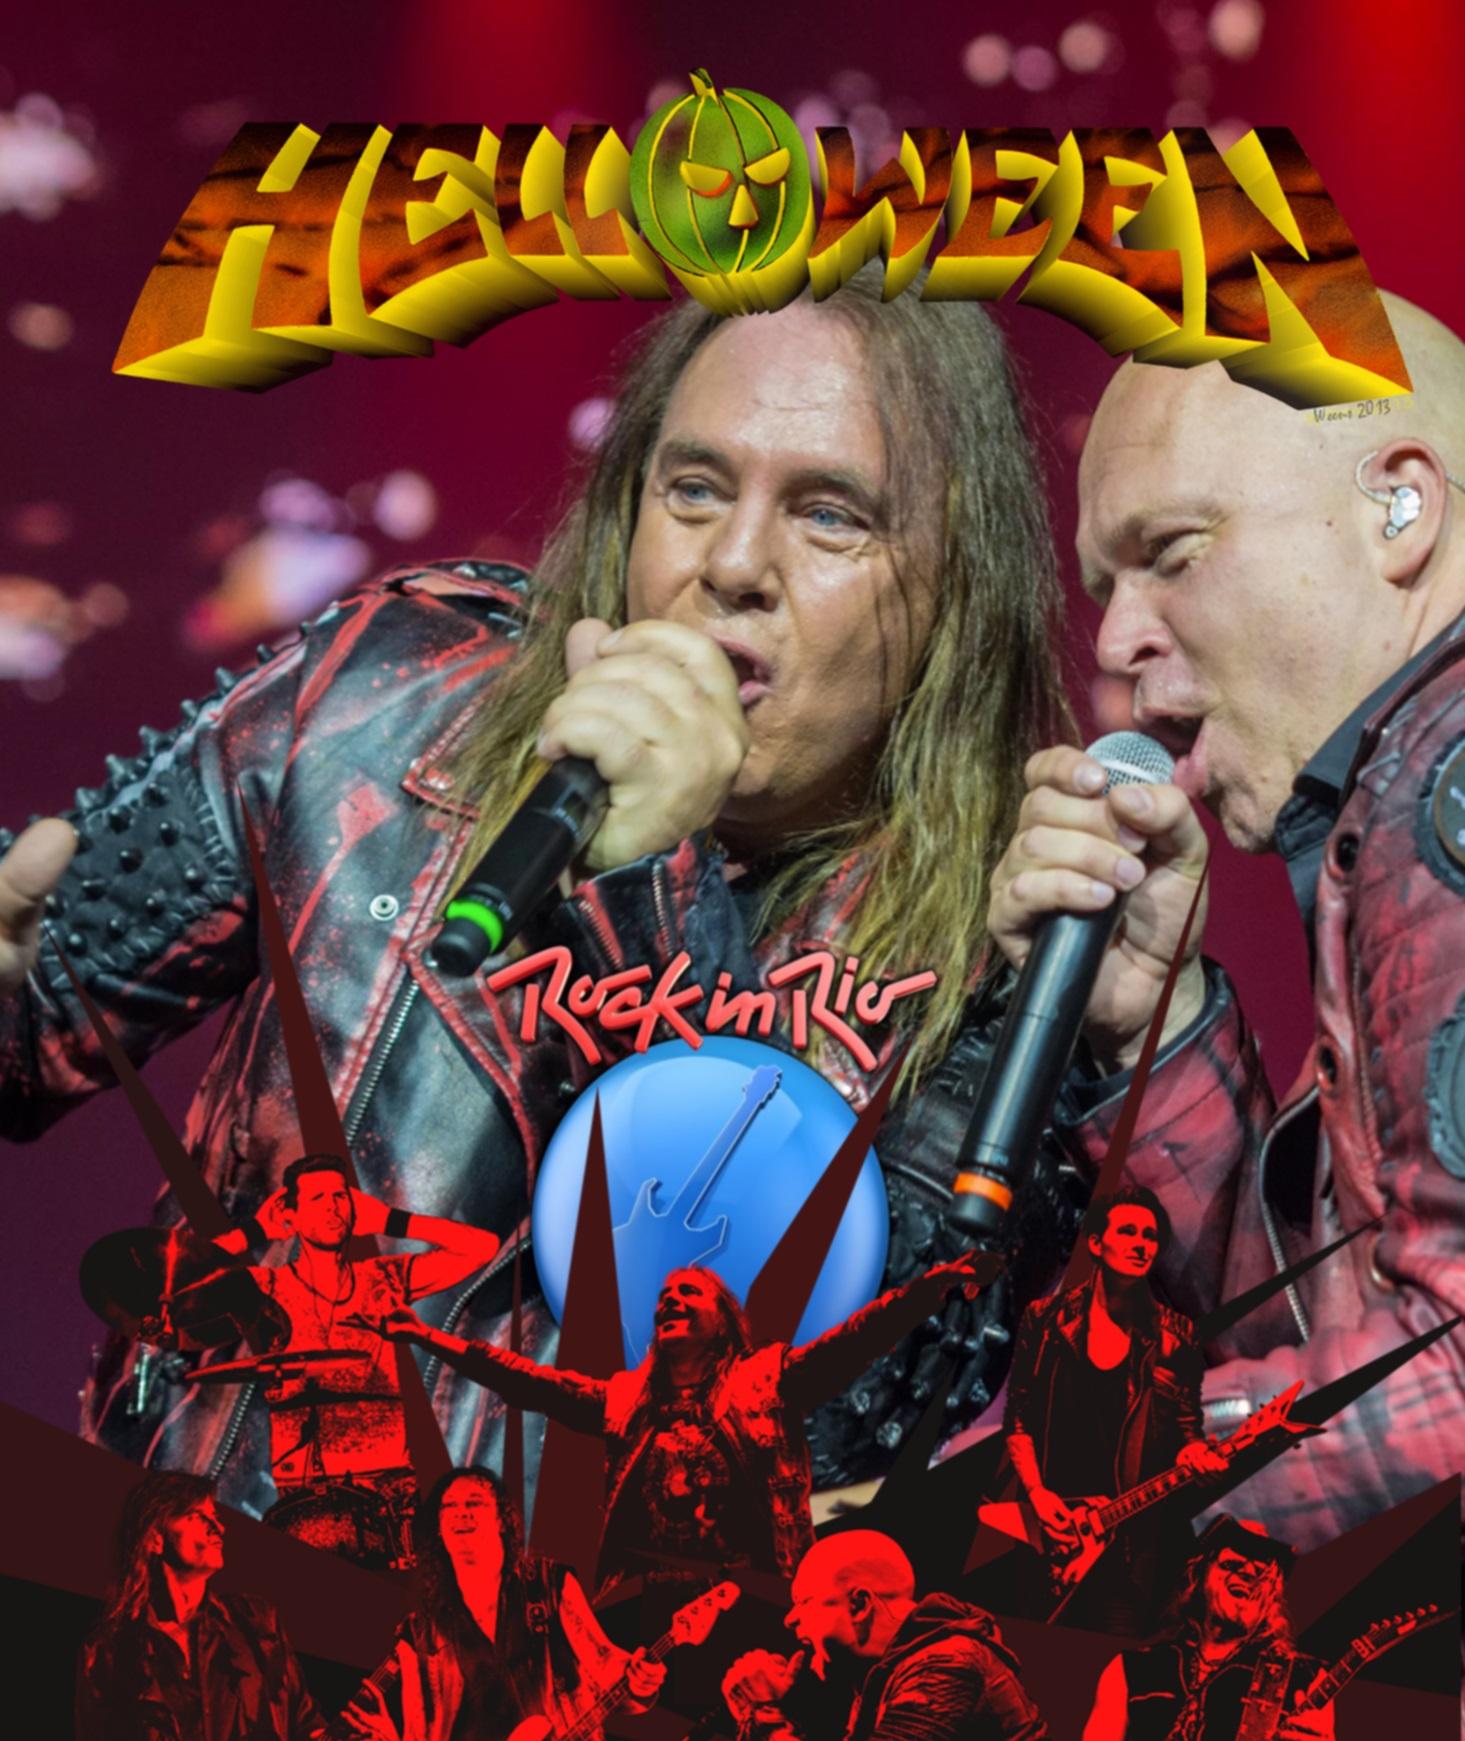 コレクターズBlu-ray Helloween - Rock in Rio2019